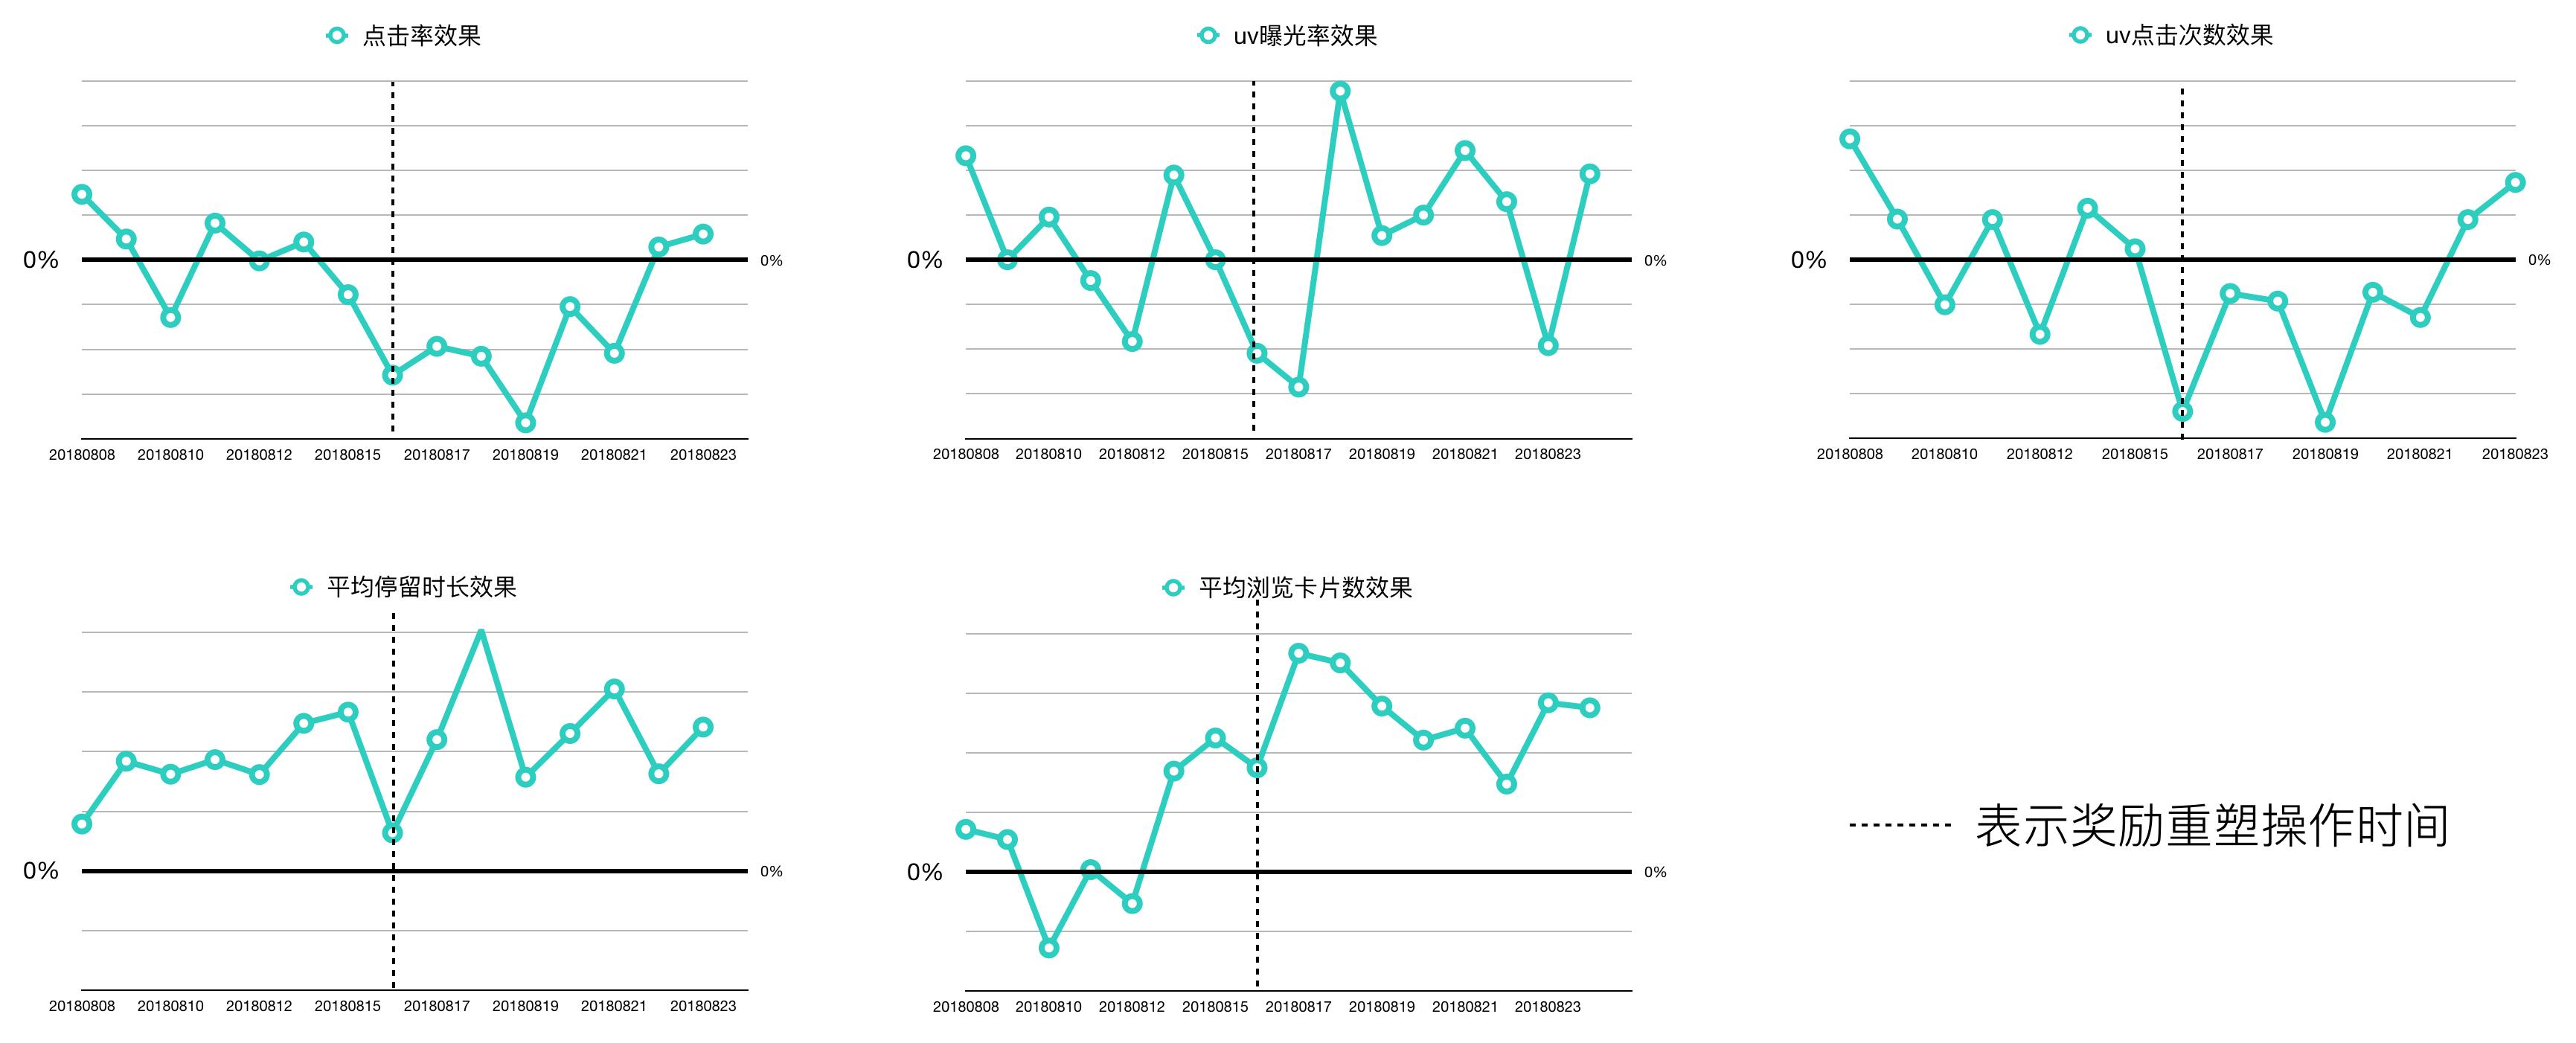 图7 加入惩罚项前后的相对效果变化